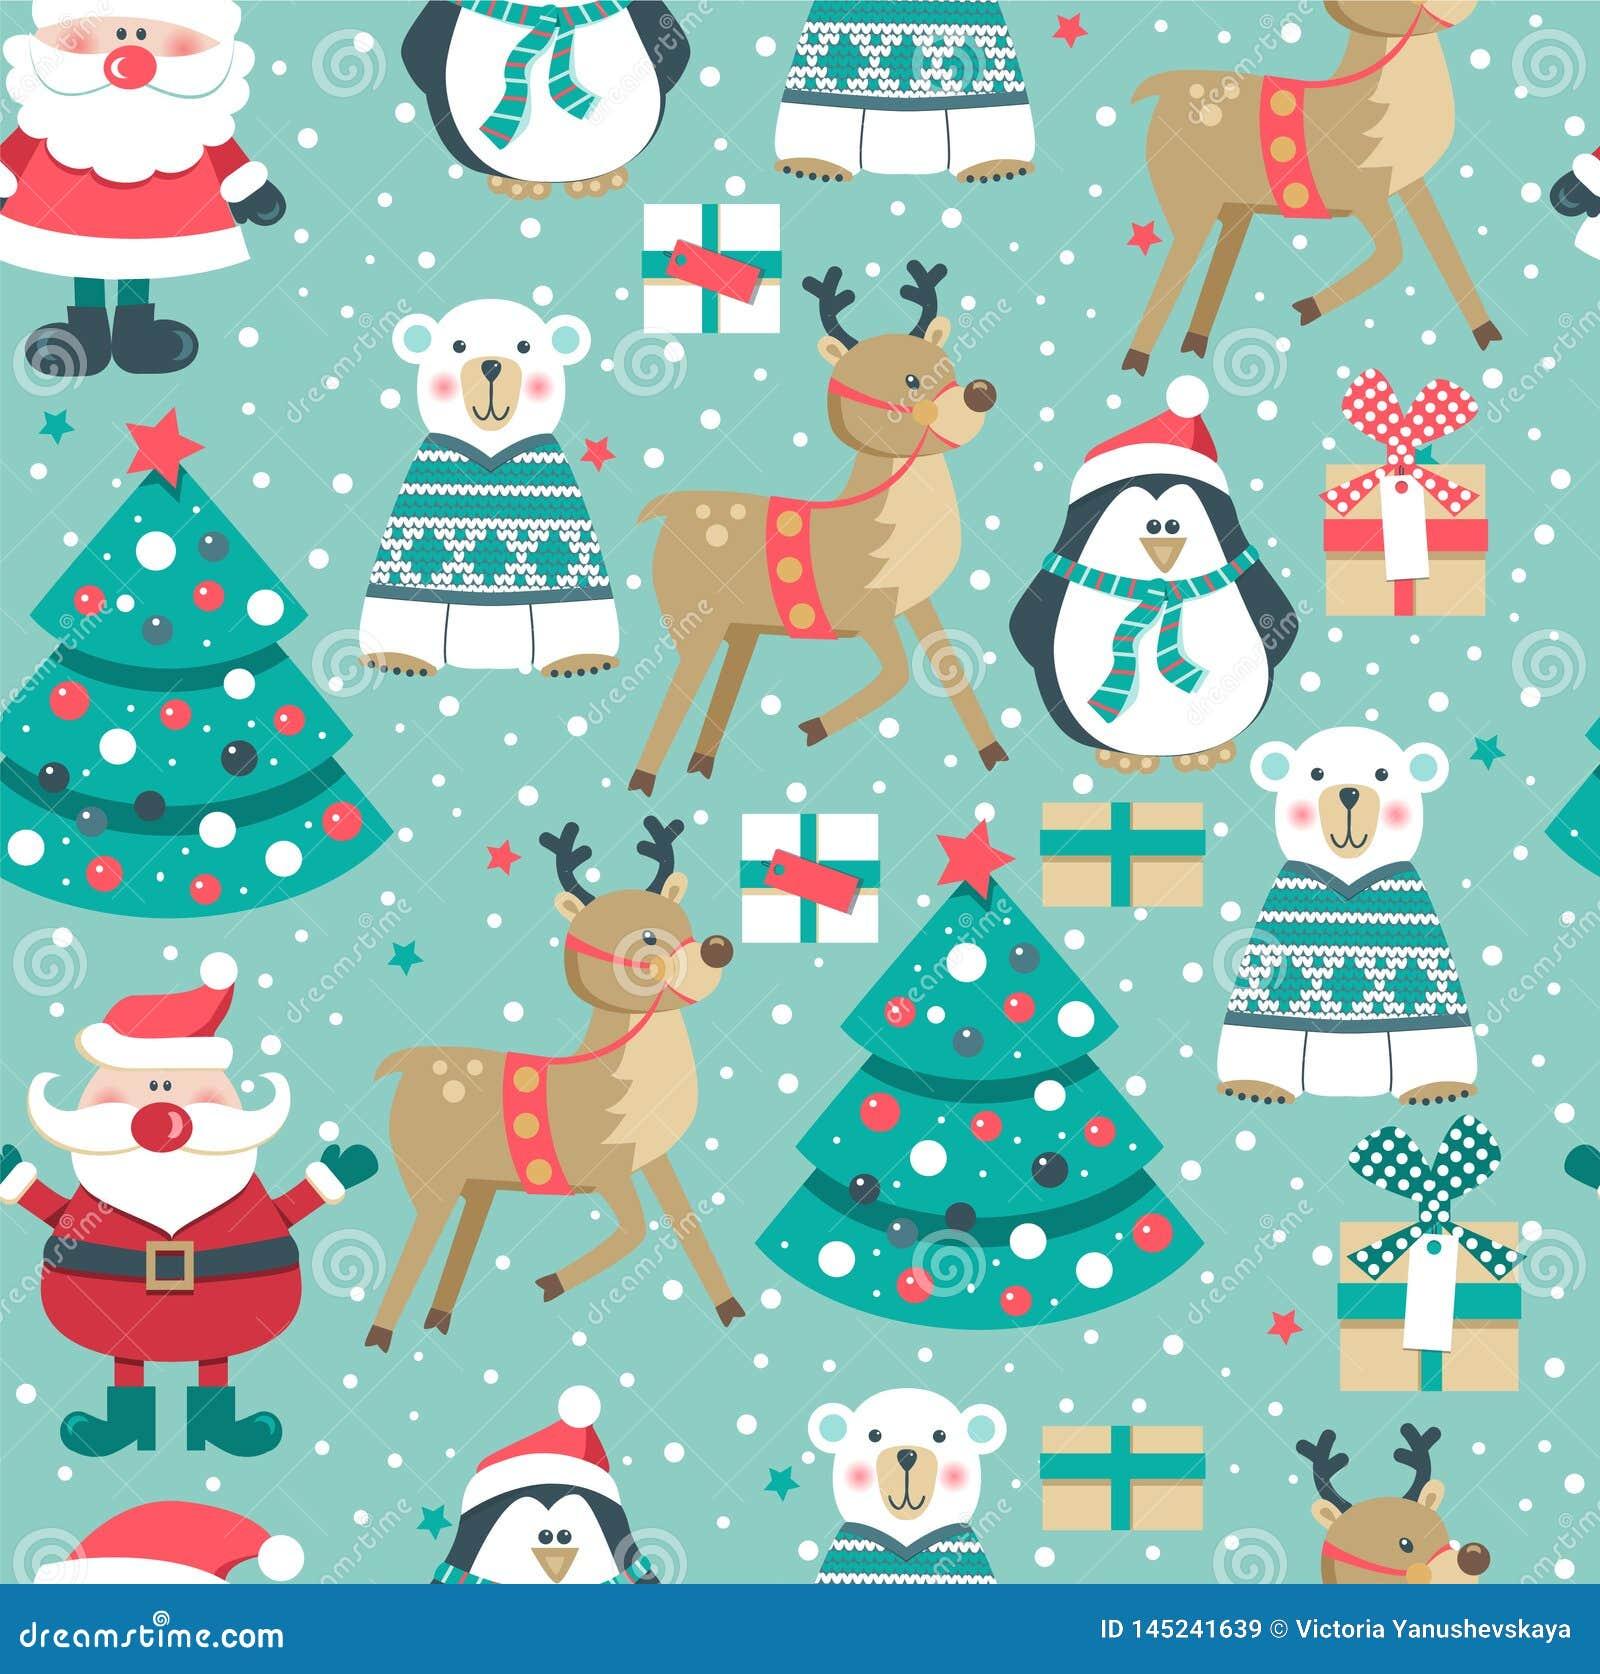 Картина с Санта, дерево рождества, коробки, полярный медведь снеговик, олени и пингвин ,